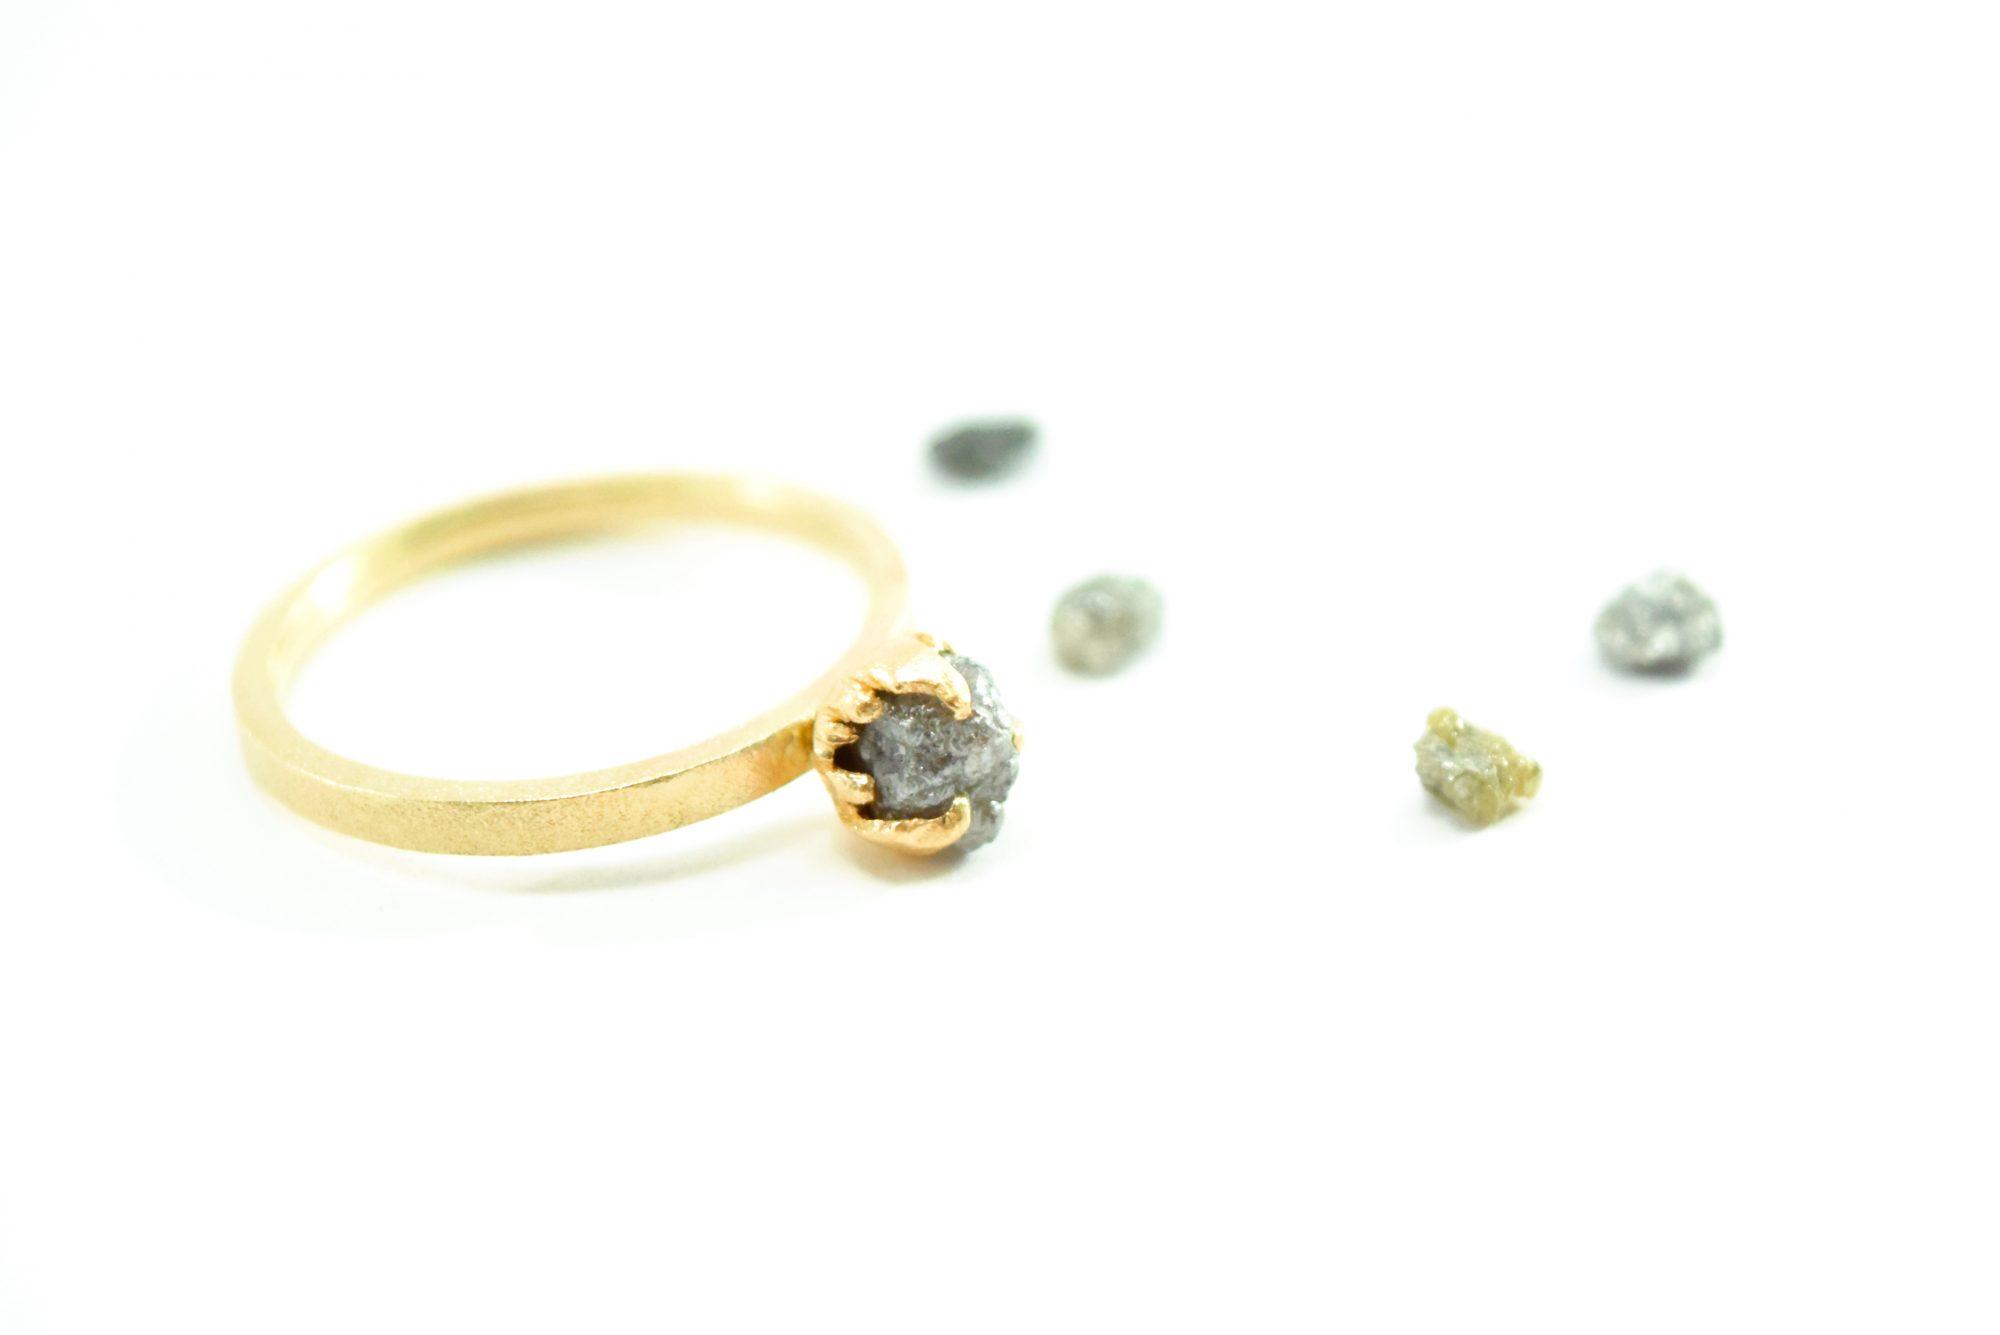 Guld ring med rådiamant